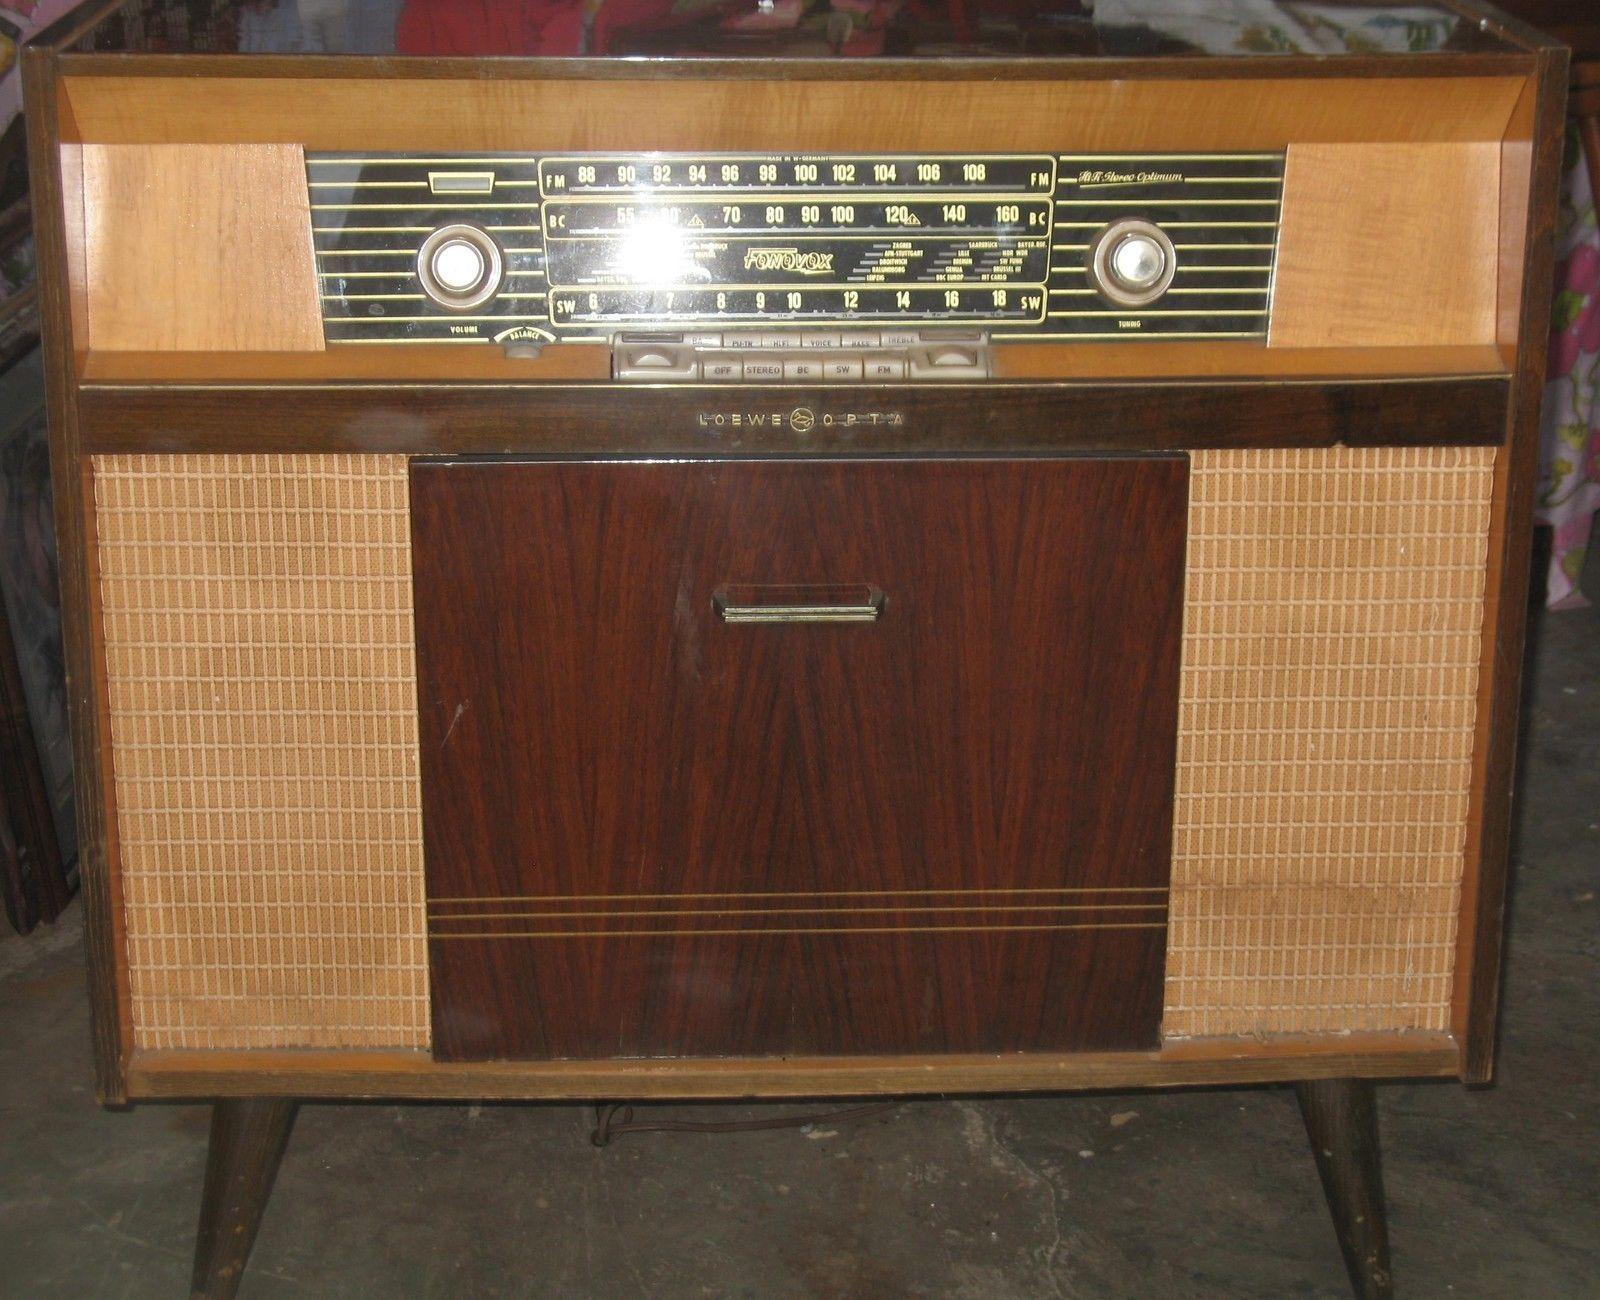 Loewe Opta Fonovox Radio Turntable Furniture Cabinet Old